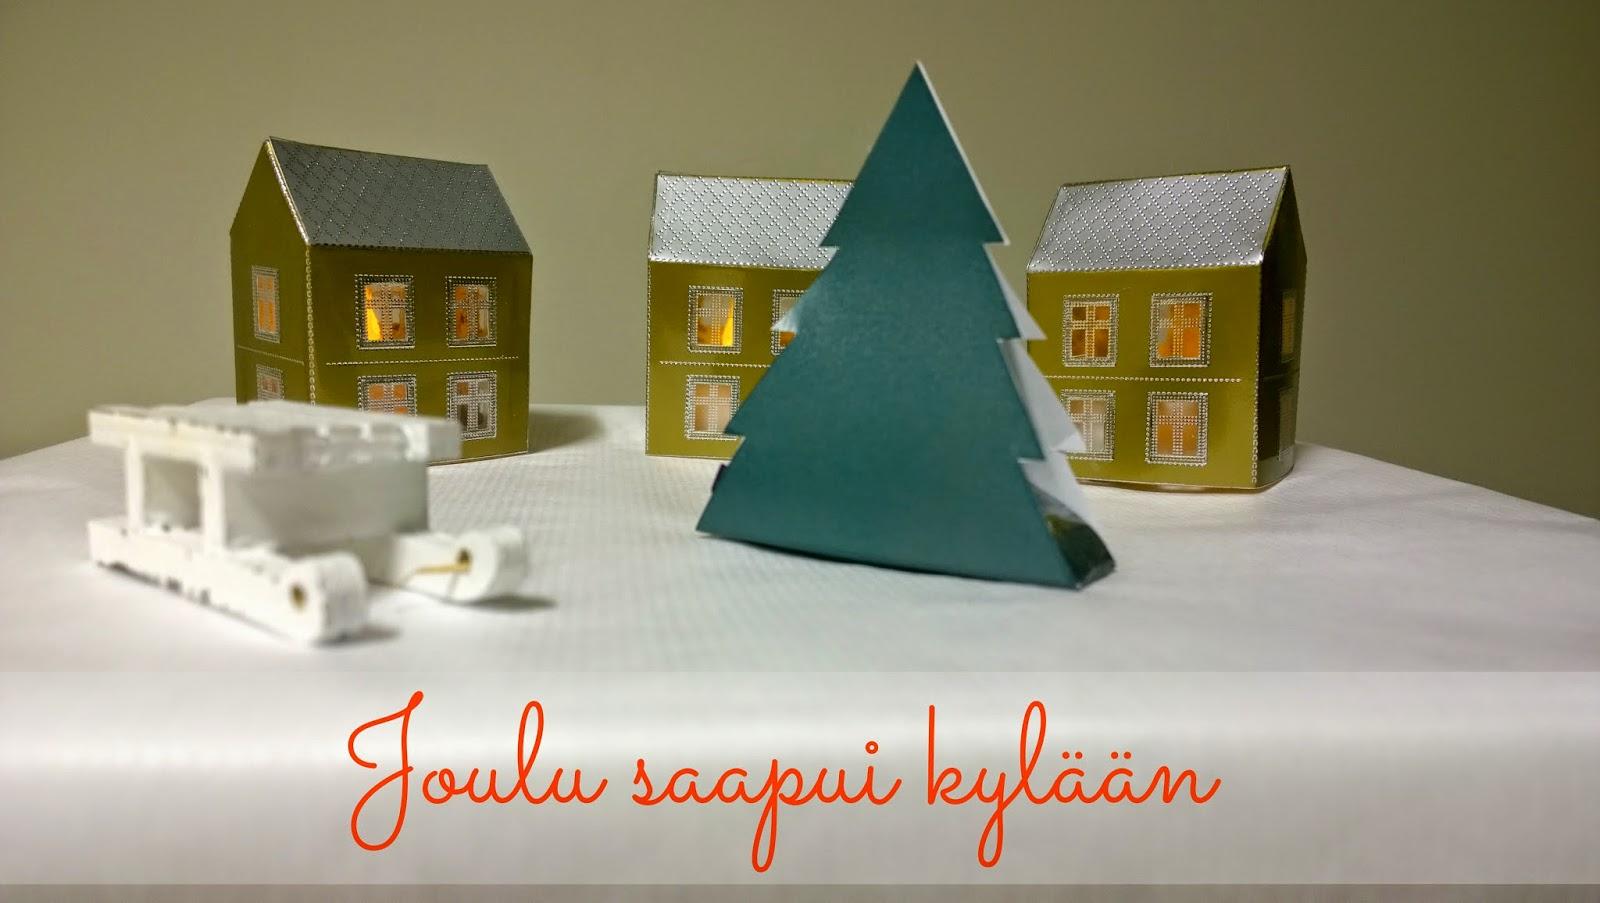 Kaikki Paketissa joululahja paketointi-idea joulukylä